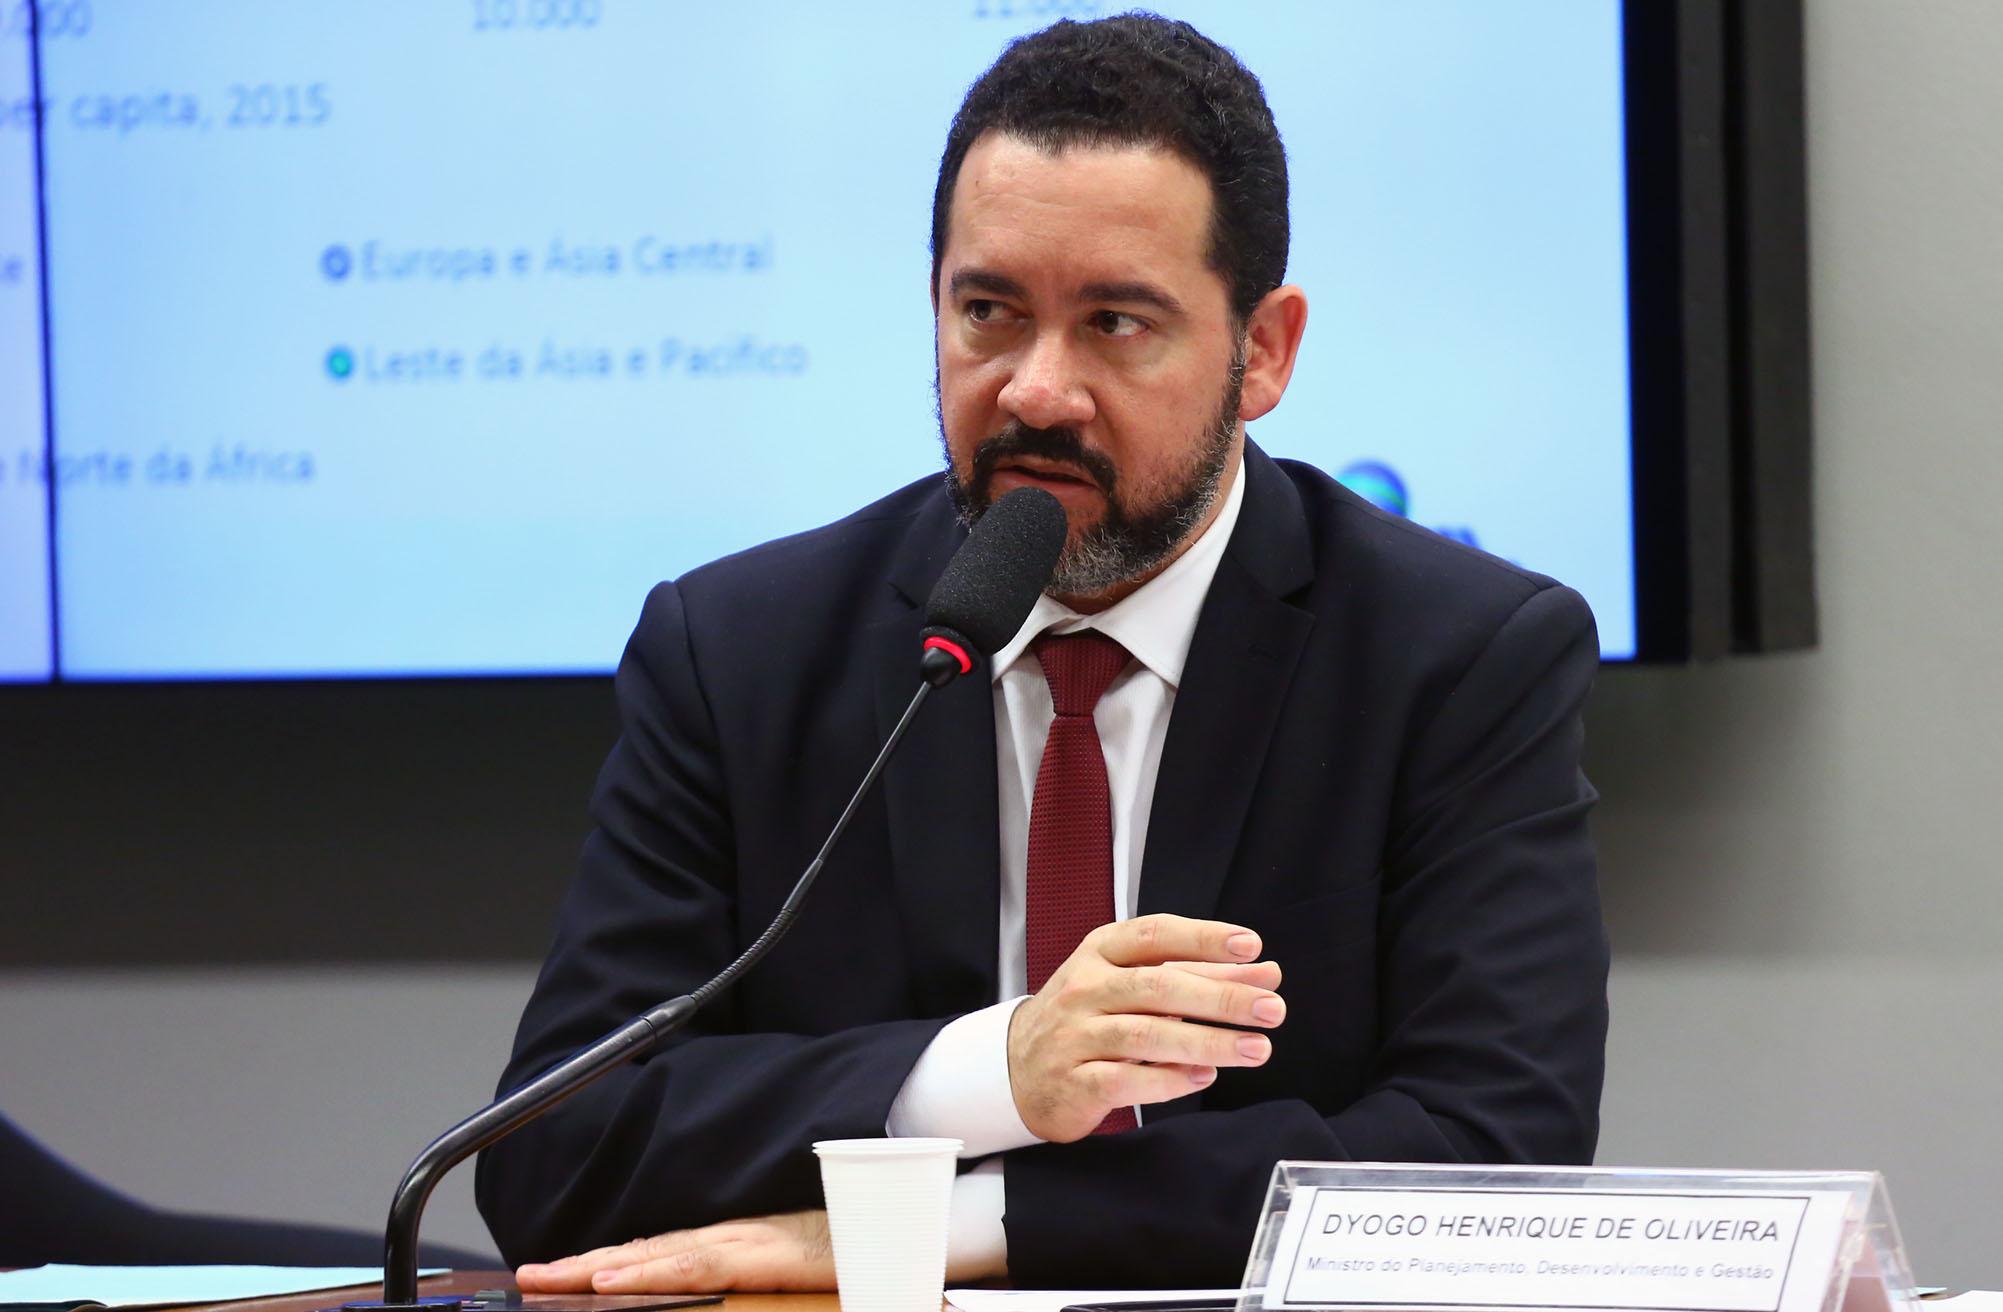 Audiência Pública e Reunião Ordinária. Ministro do Planejamento, Desenvolvimento e Gestão, DYOGO HENRIQUE DE OLIVEIRA